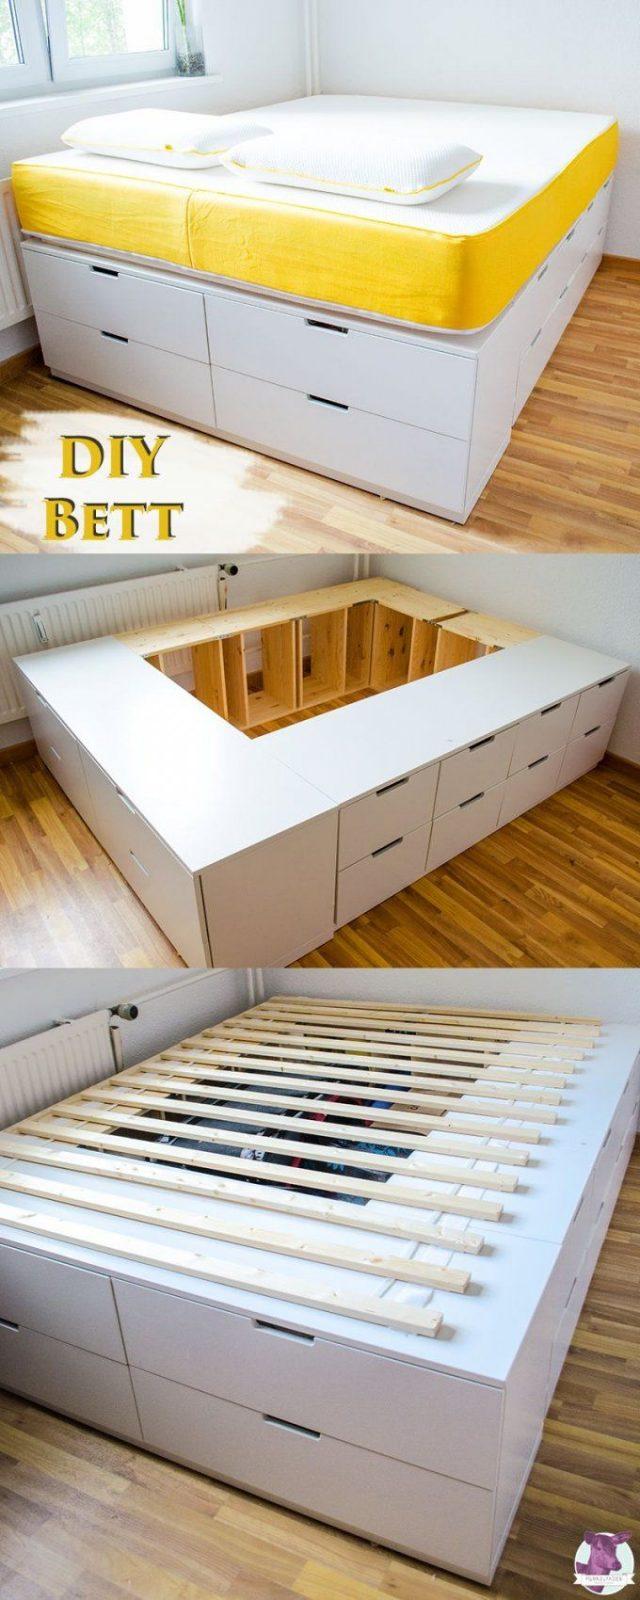 Diy Ikea Hack  Plattformbett Selber Bauen Aus Ikea Kommoden von Bett Bauen Mit Stauraum Photo